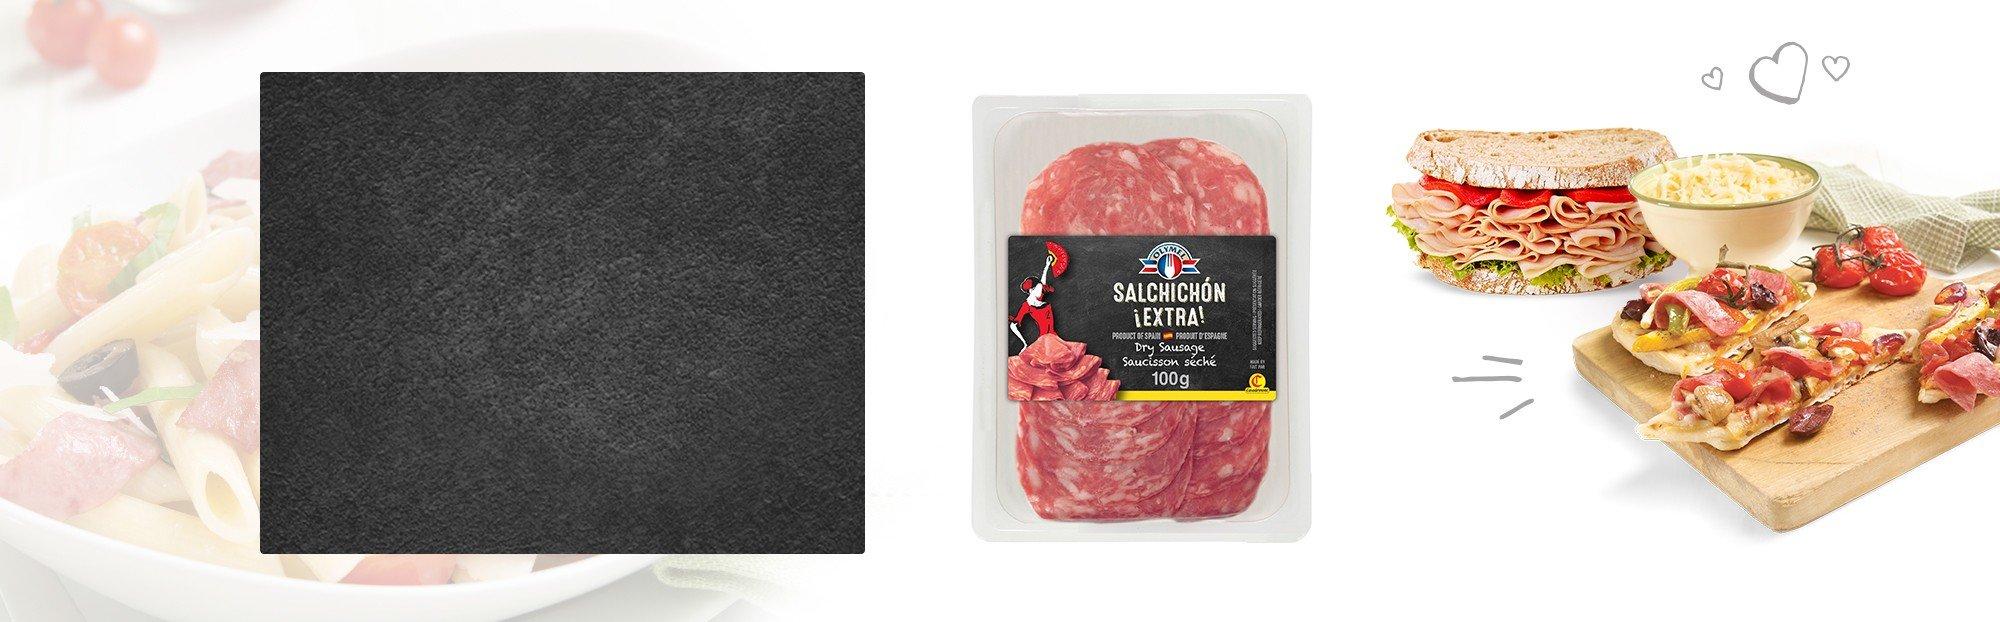 Salchichon Extra saucisson séché